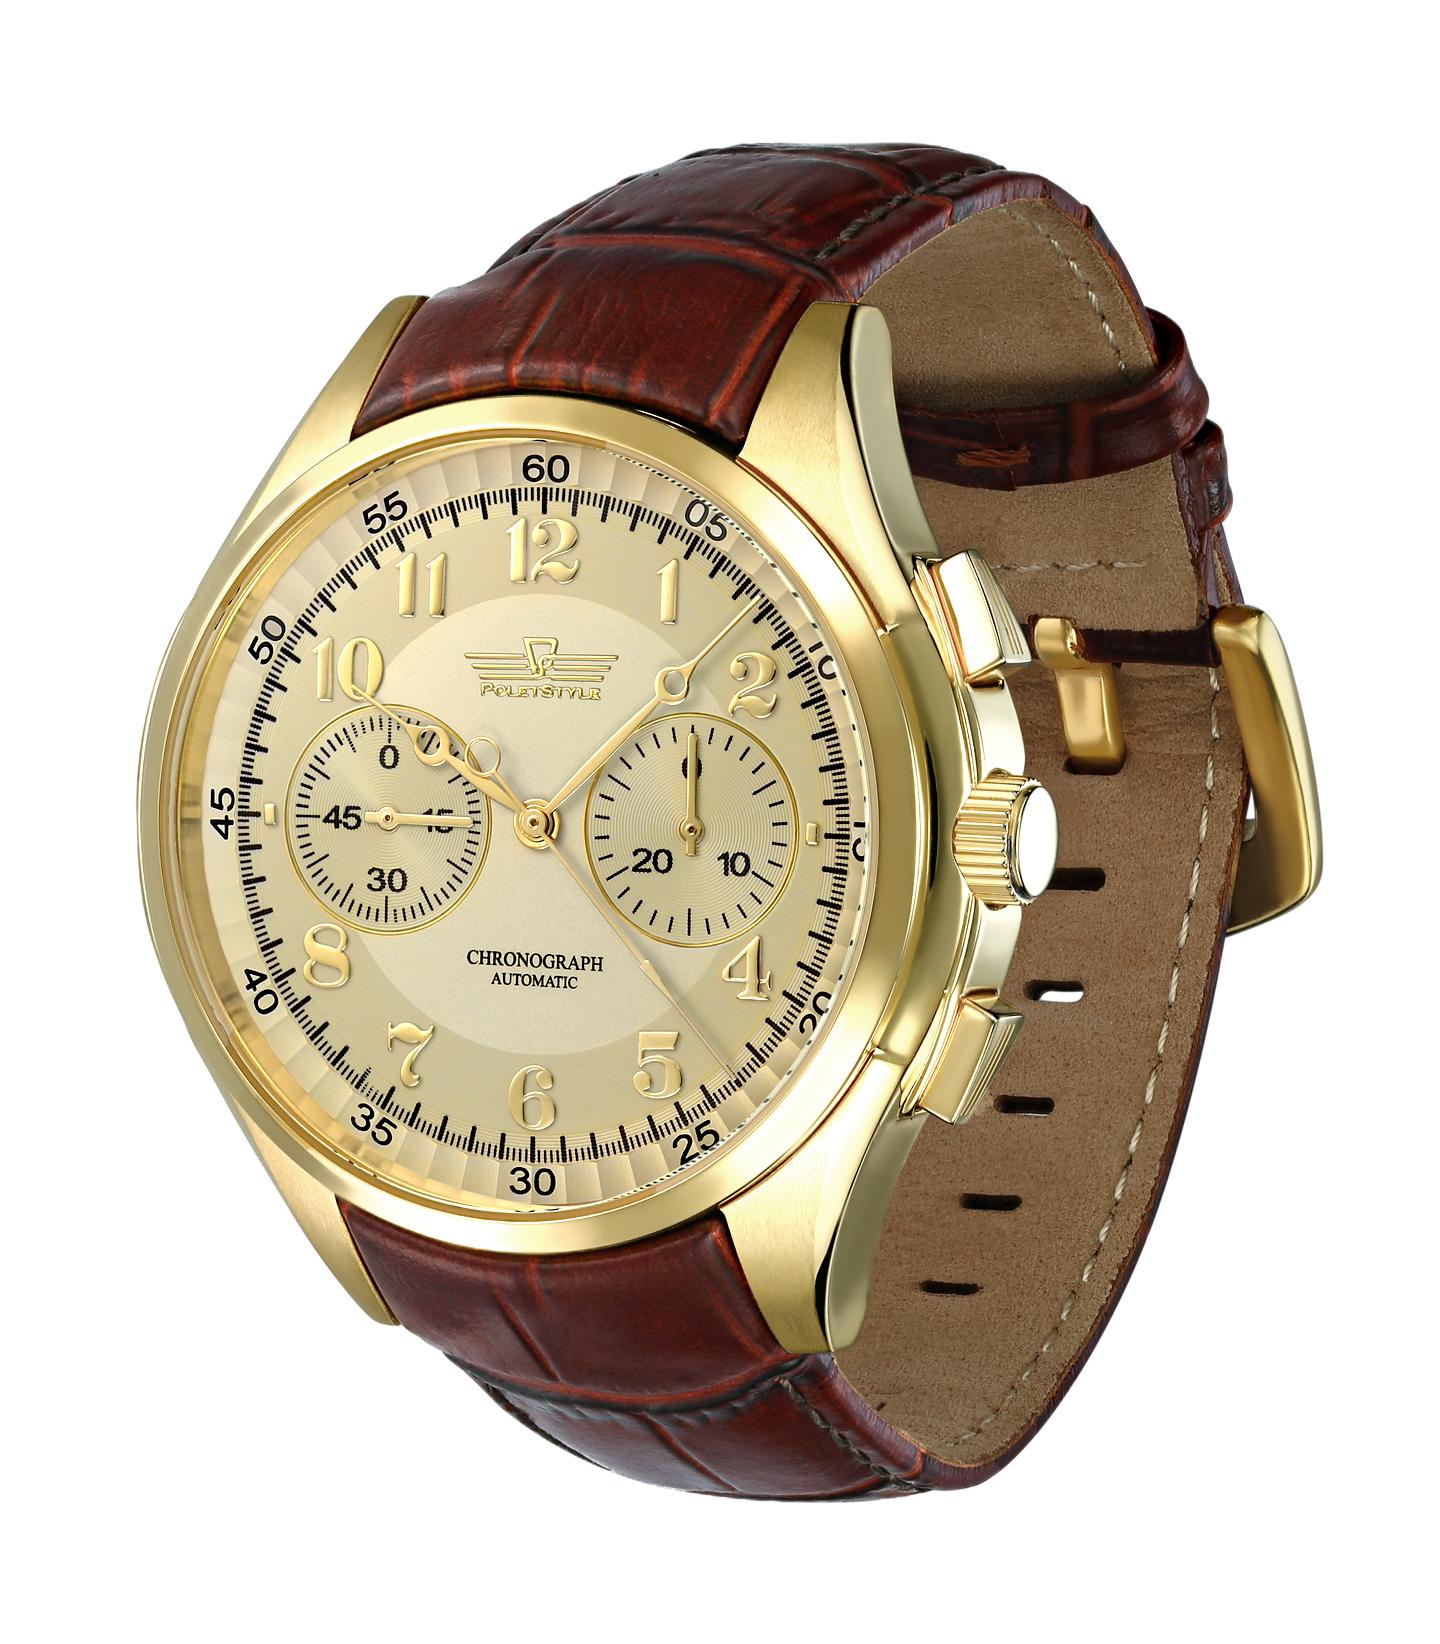 Наручные часы epos  цены в 6 интернет-магазинах:.